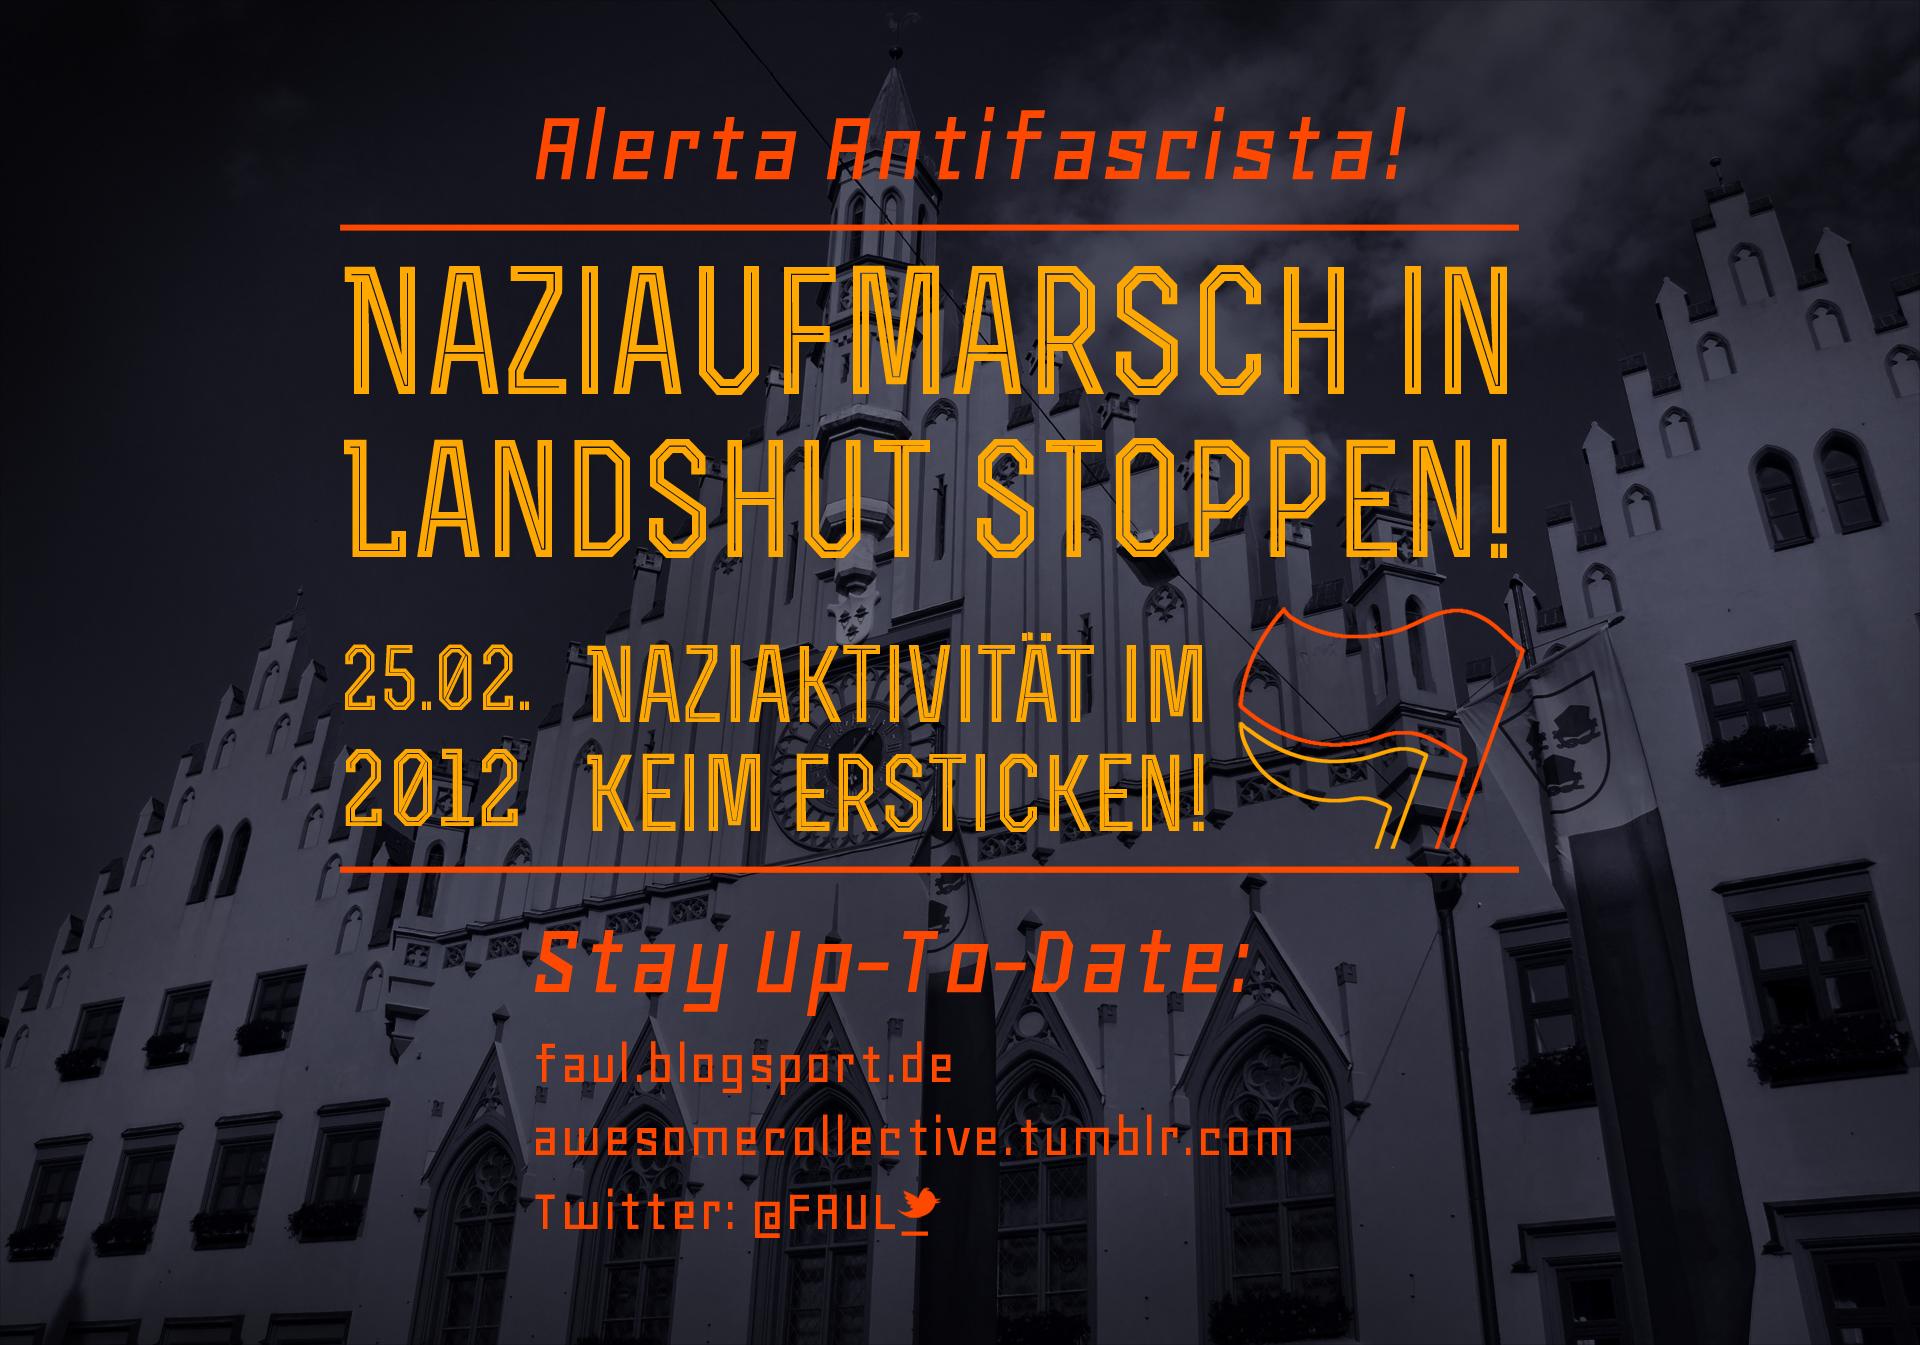 Naziaufmarsch in Landshut blockieren!